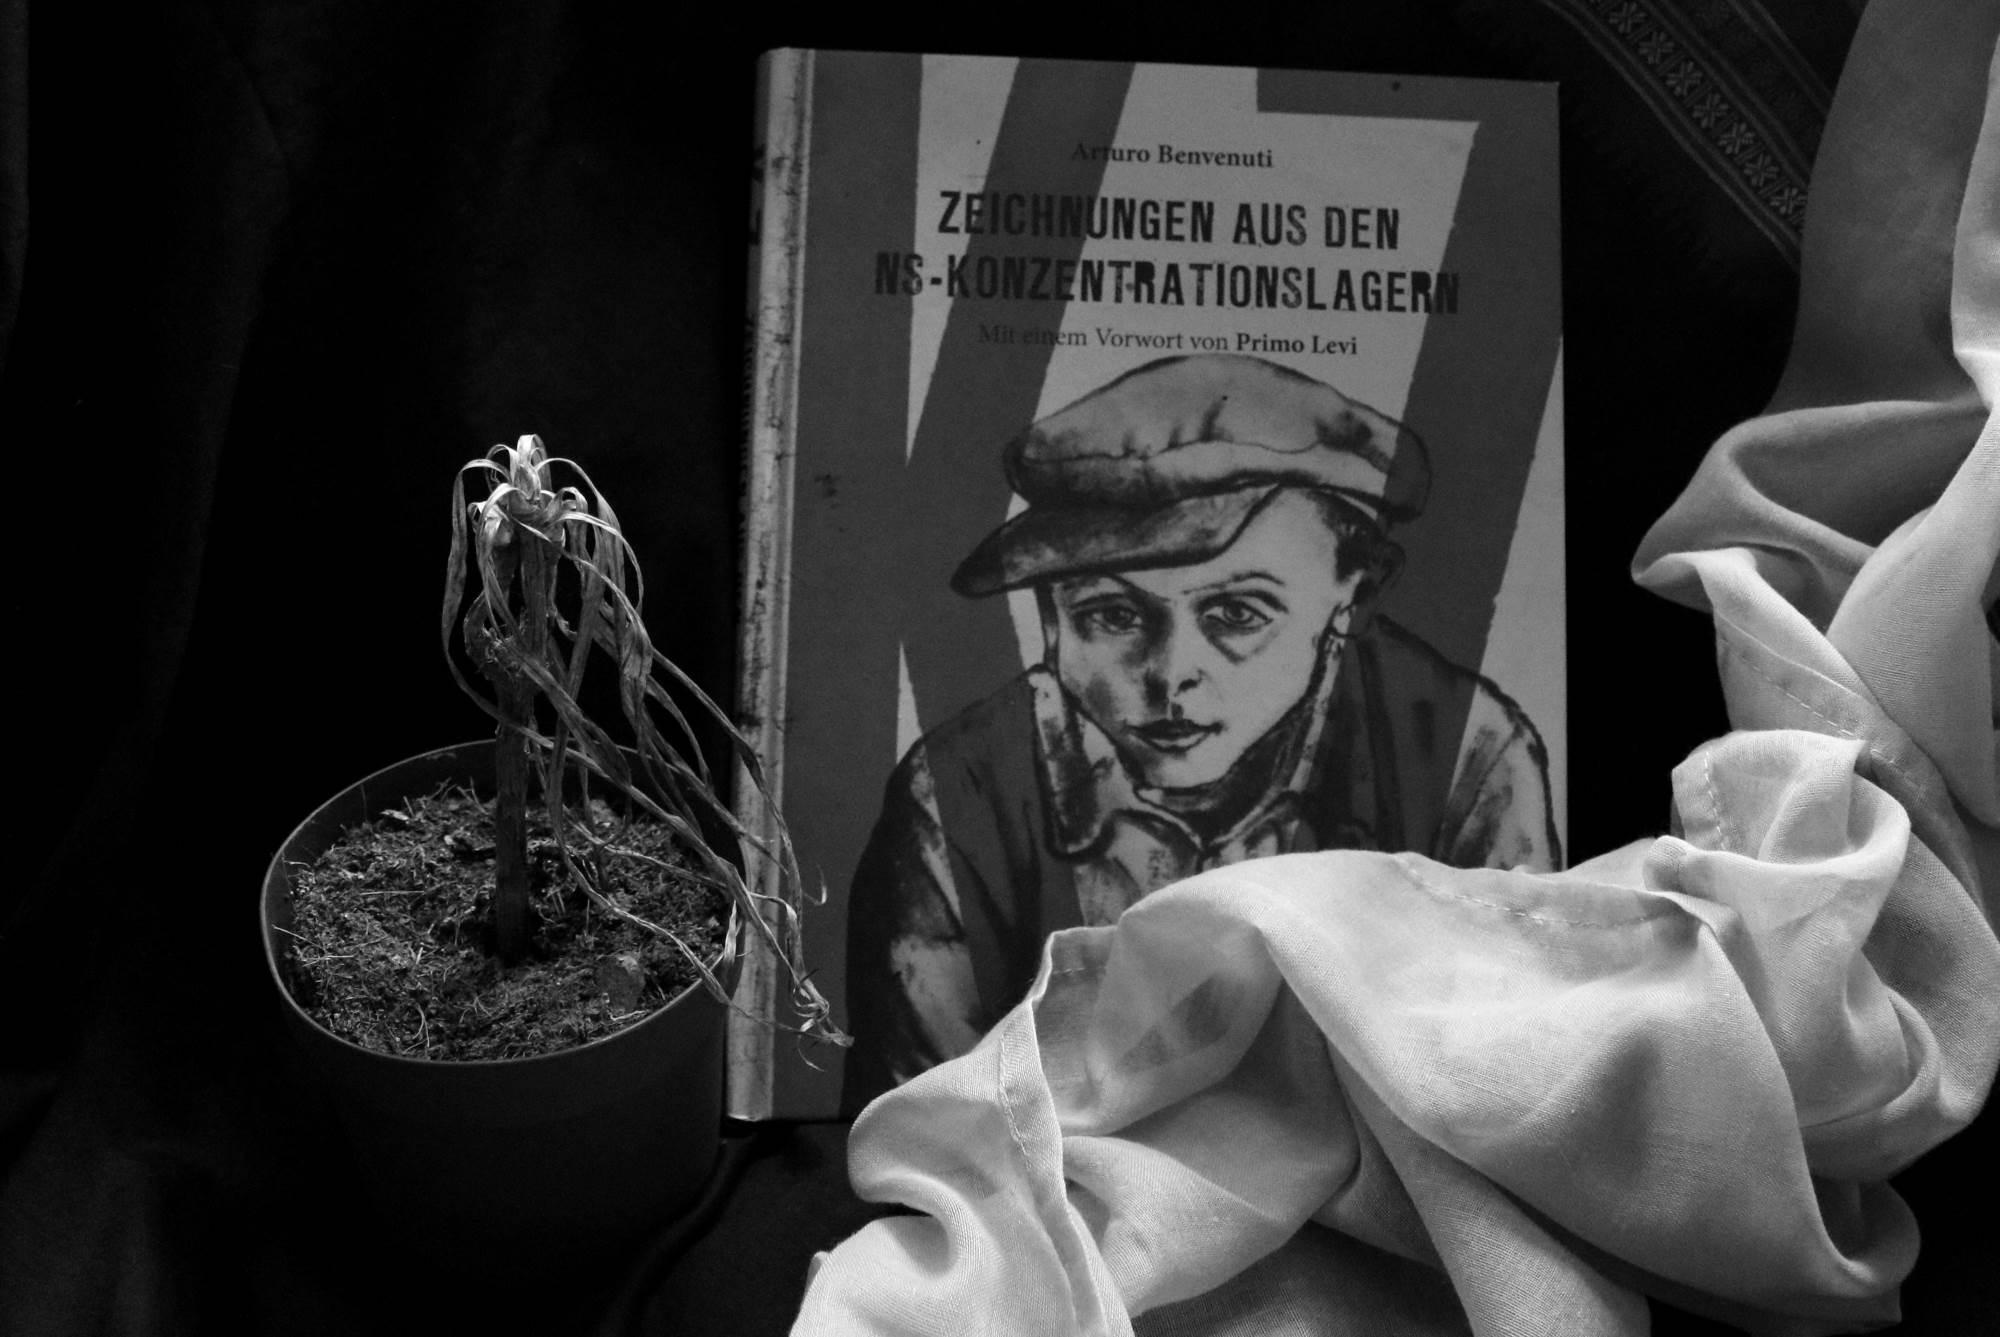 [Rezension] Arturo Benvenuti – Zeichnungen aus den NS-Konzentrationslagern